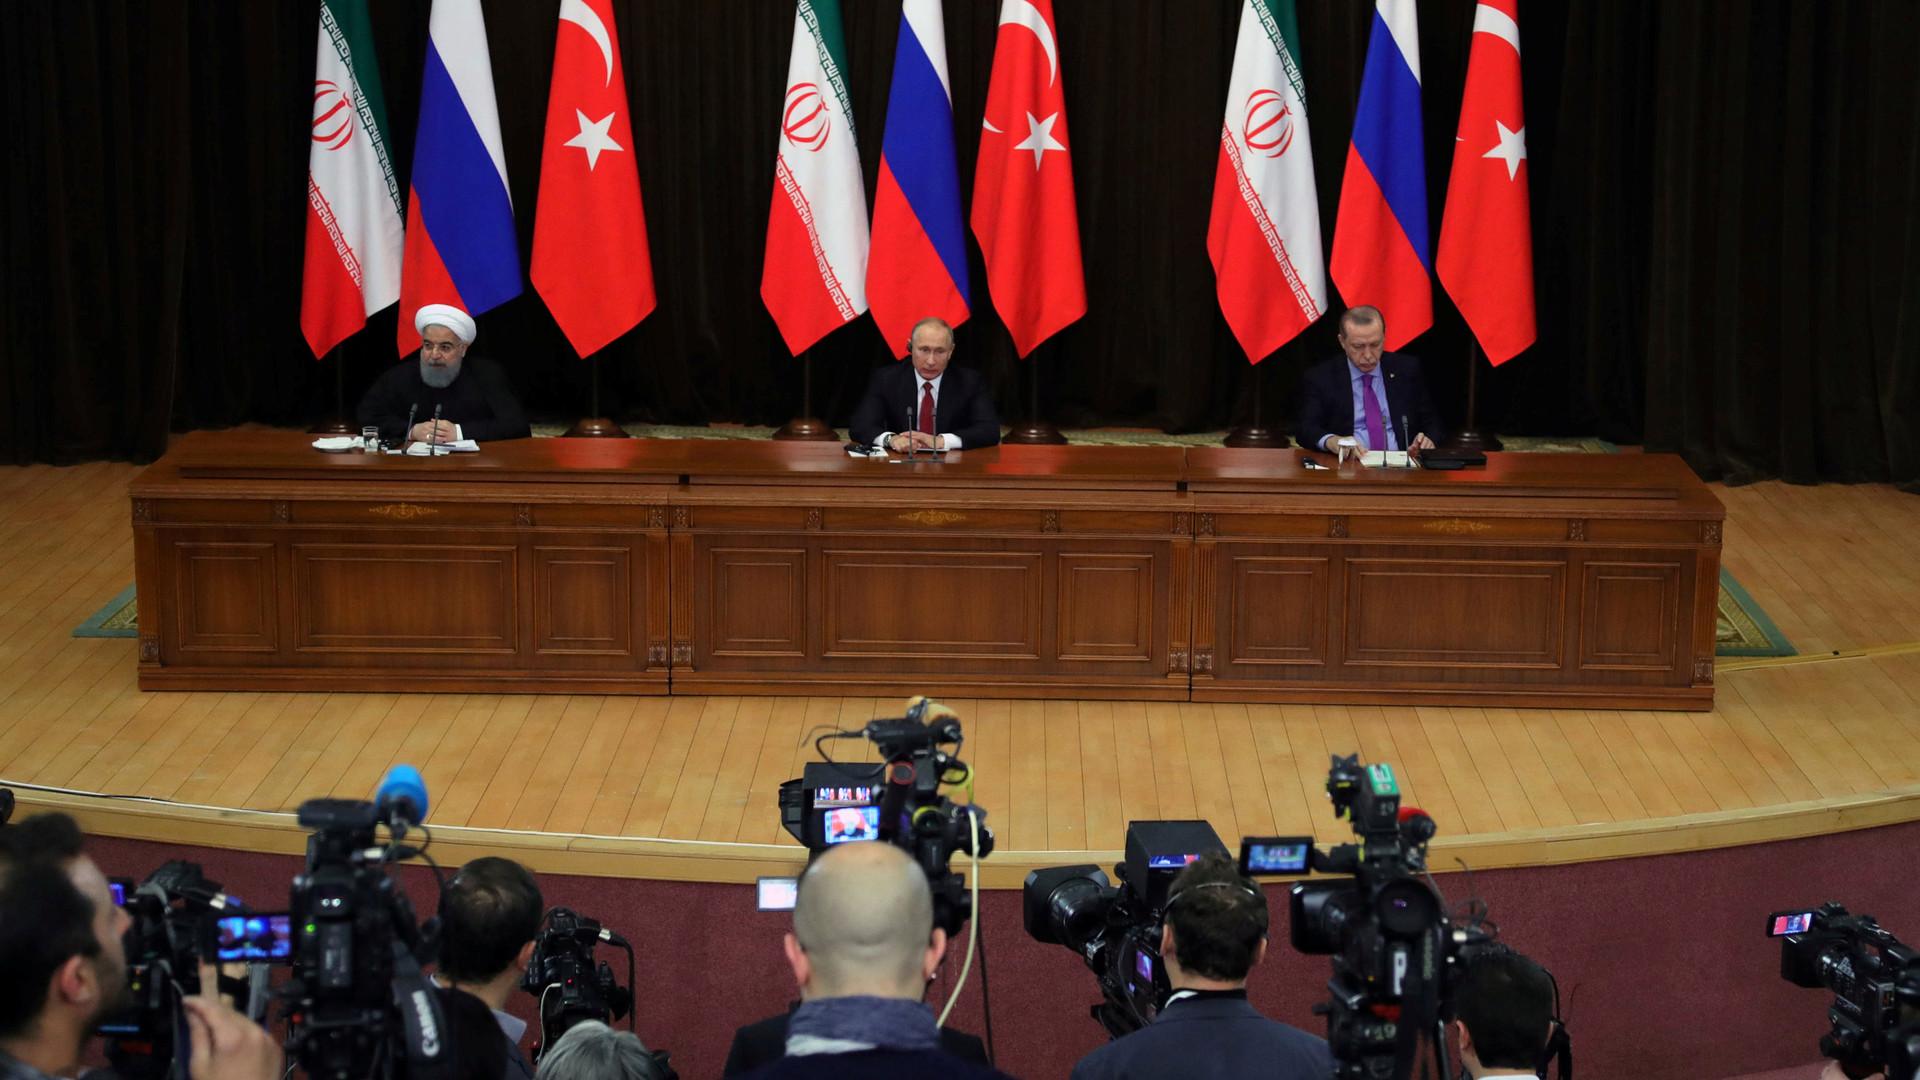 «Знаковое событие»: Путин, Эрдоган и Рухани согласовали совместное заявление по Сирии